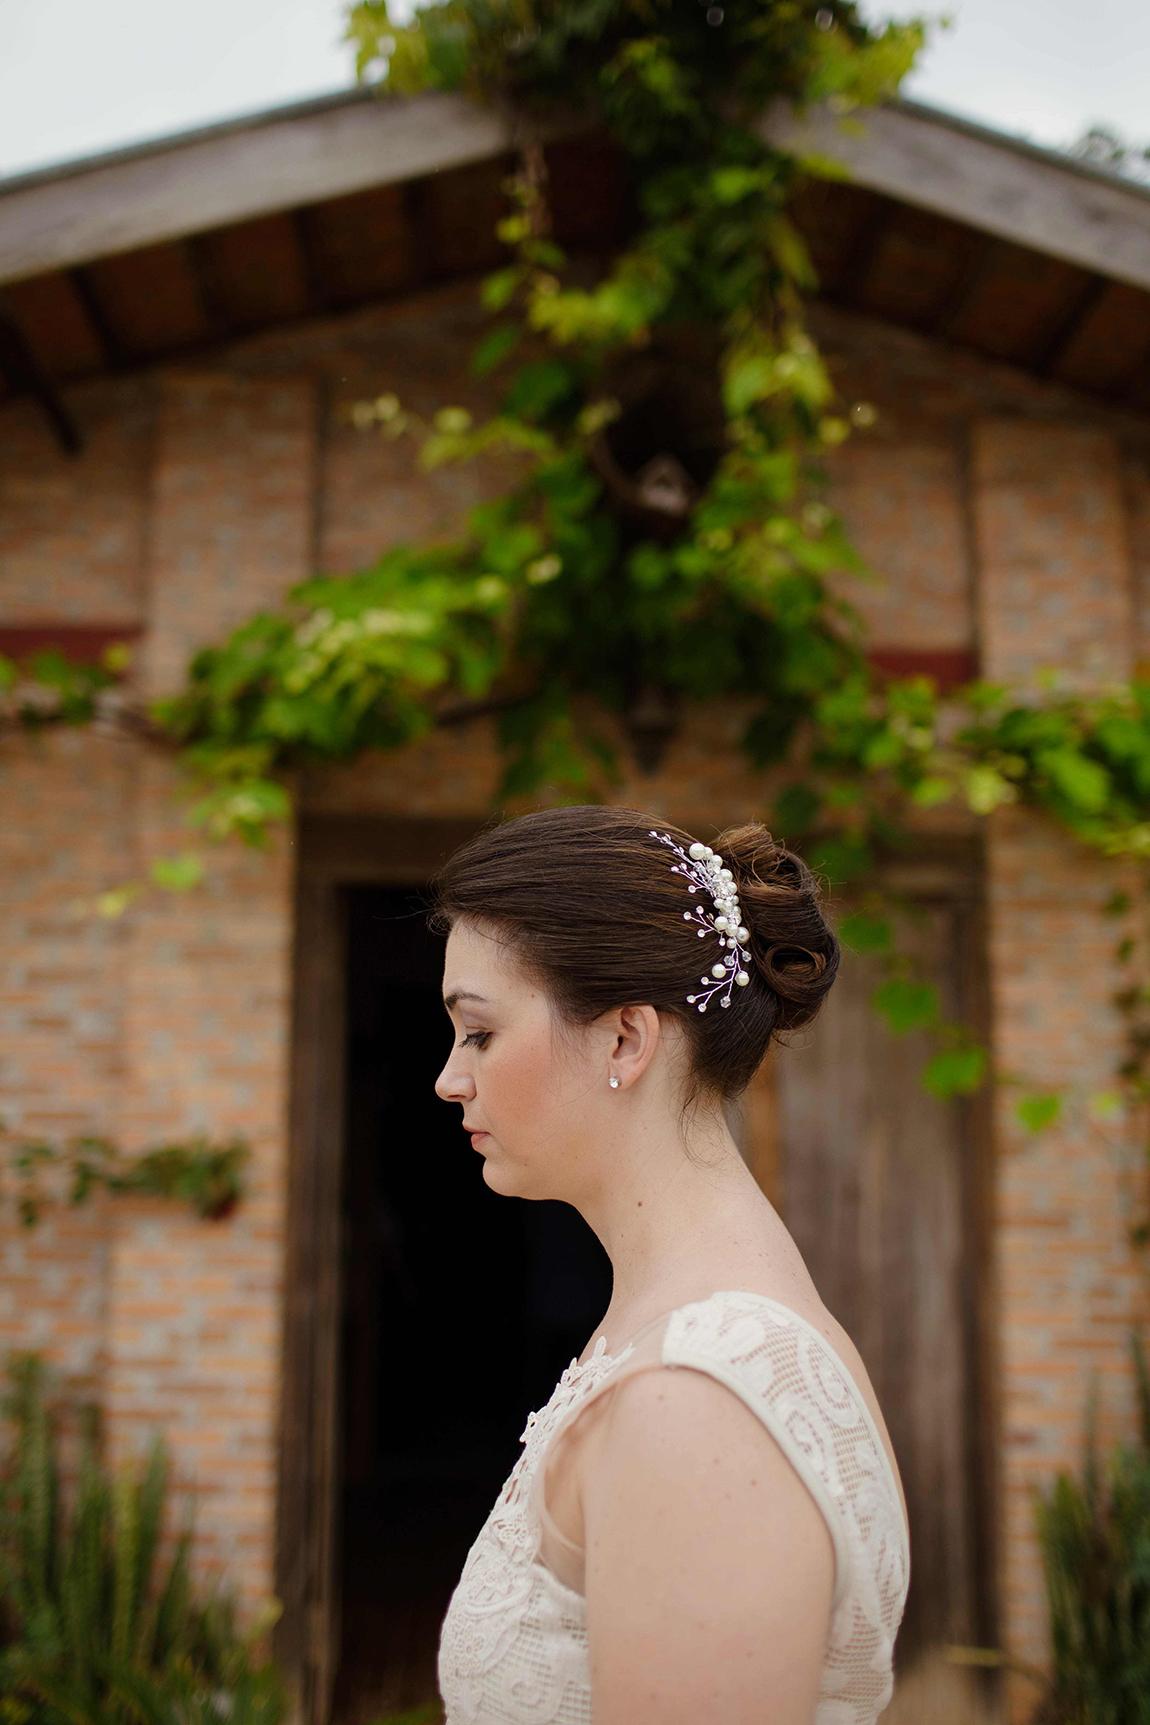 mariana-alves-fotografia-casamento-civil-curitiba-restaurante-pasargada-fabi-andre (164)